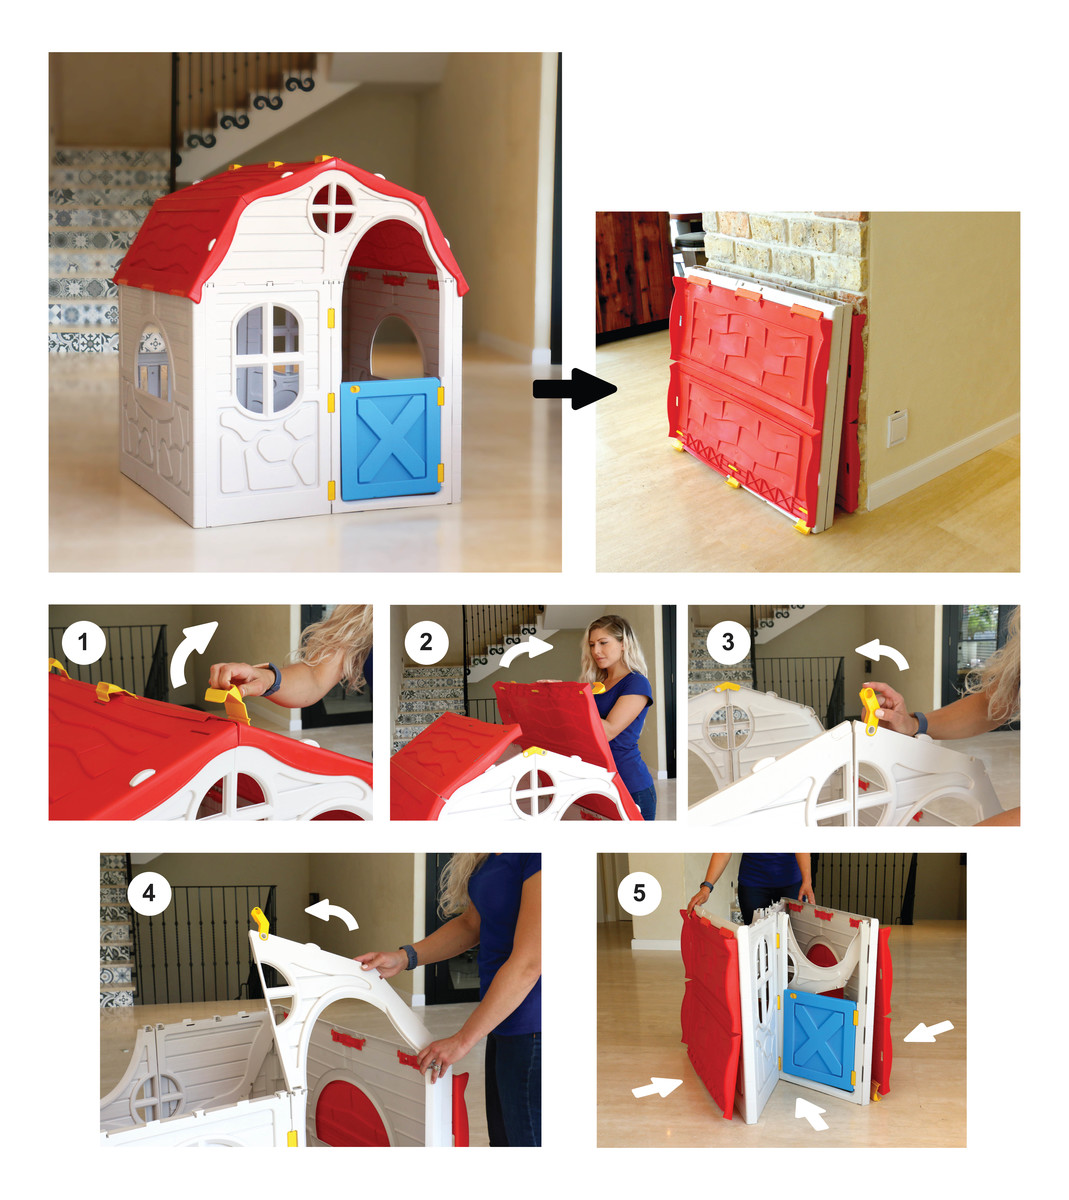 בית ילדים מתקפל מפלסטיק למרפסת או לחצר תוצרת ישראל מנגנון קיפול ייחודיי לאחסון קל ומהיר S-free - משלוח חינם - תמונה 8